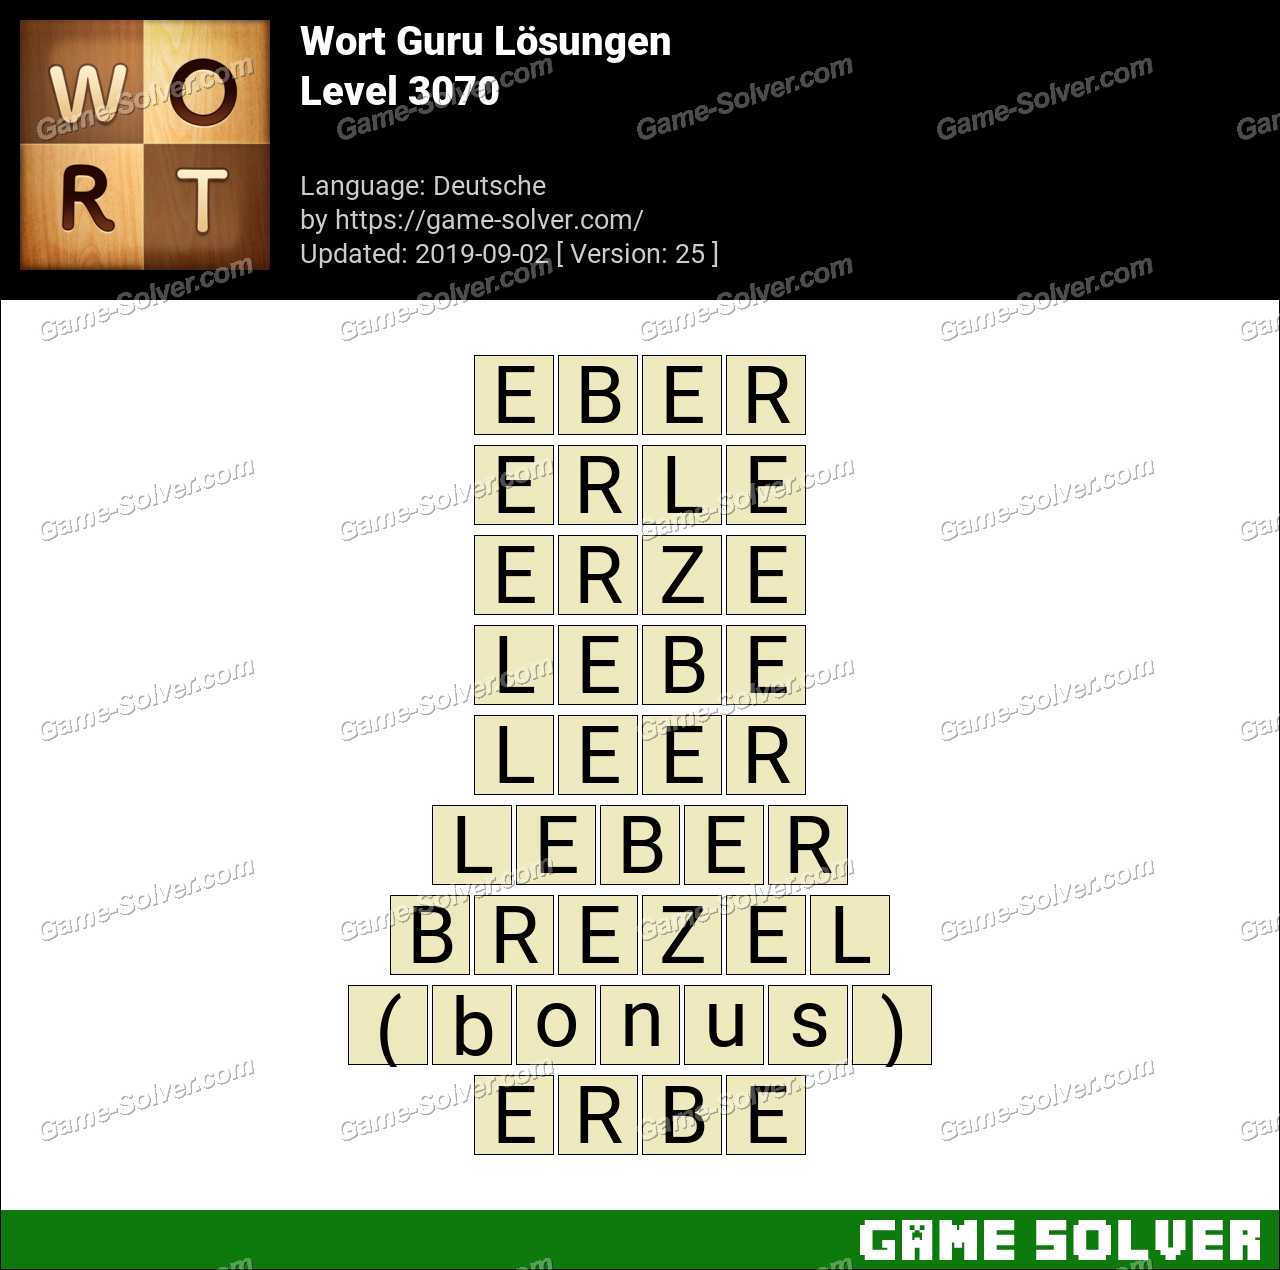 Wort Guru Level 3070 Lösungen